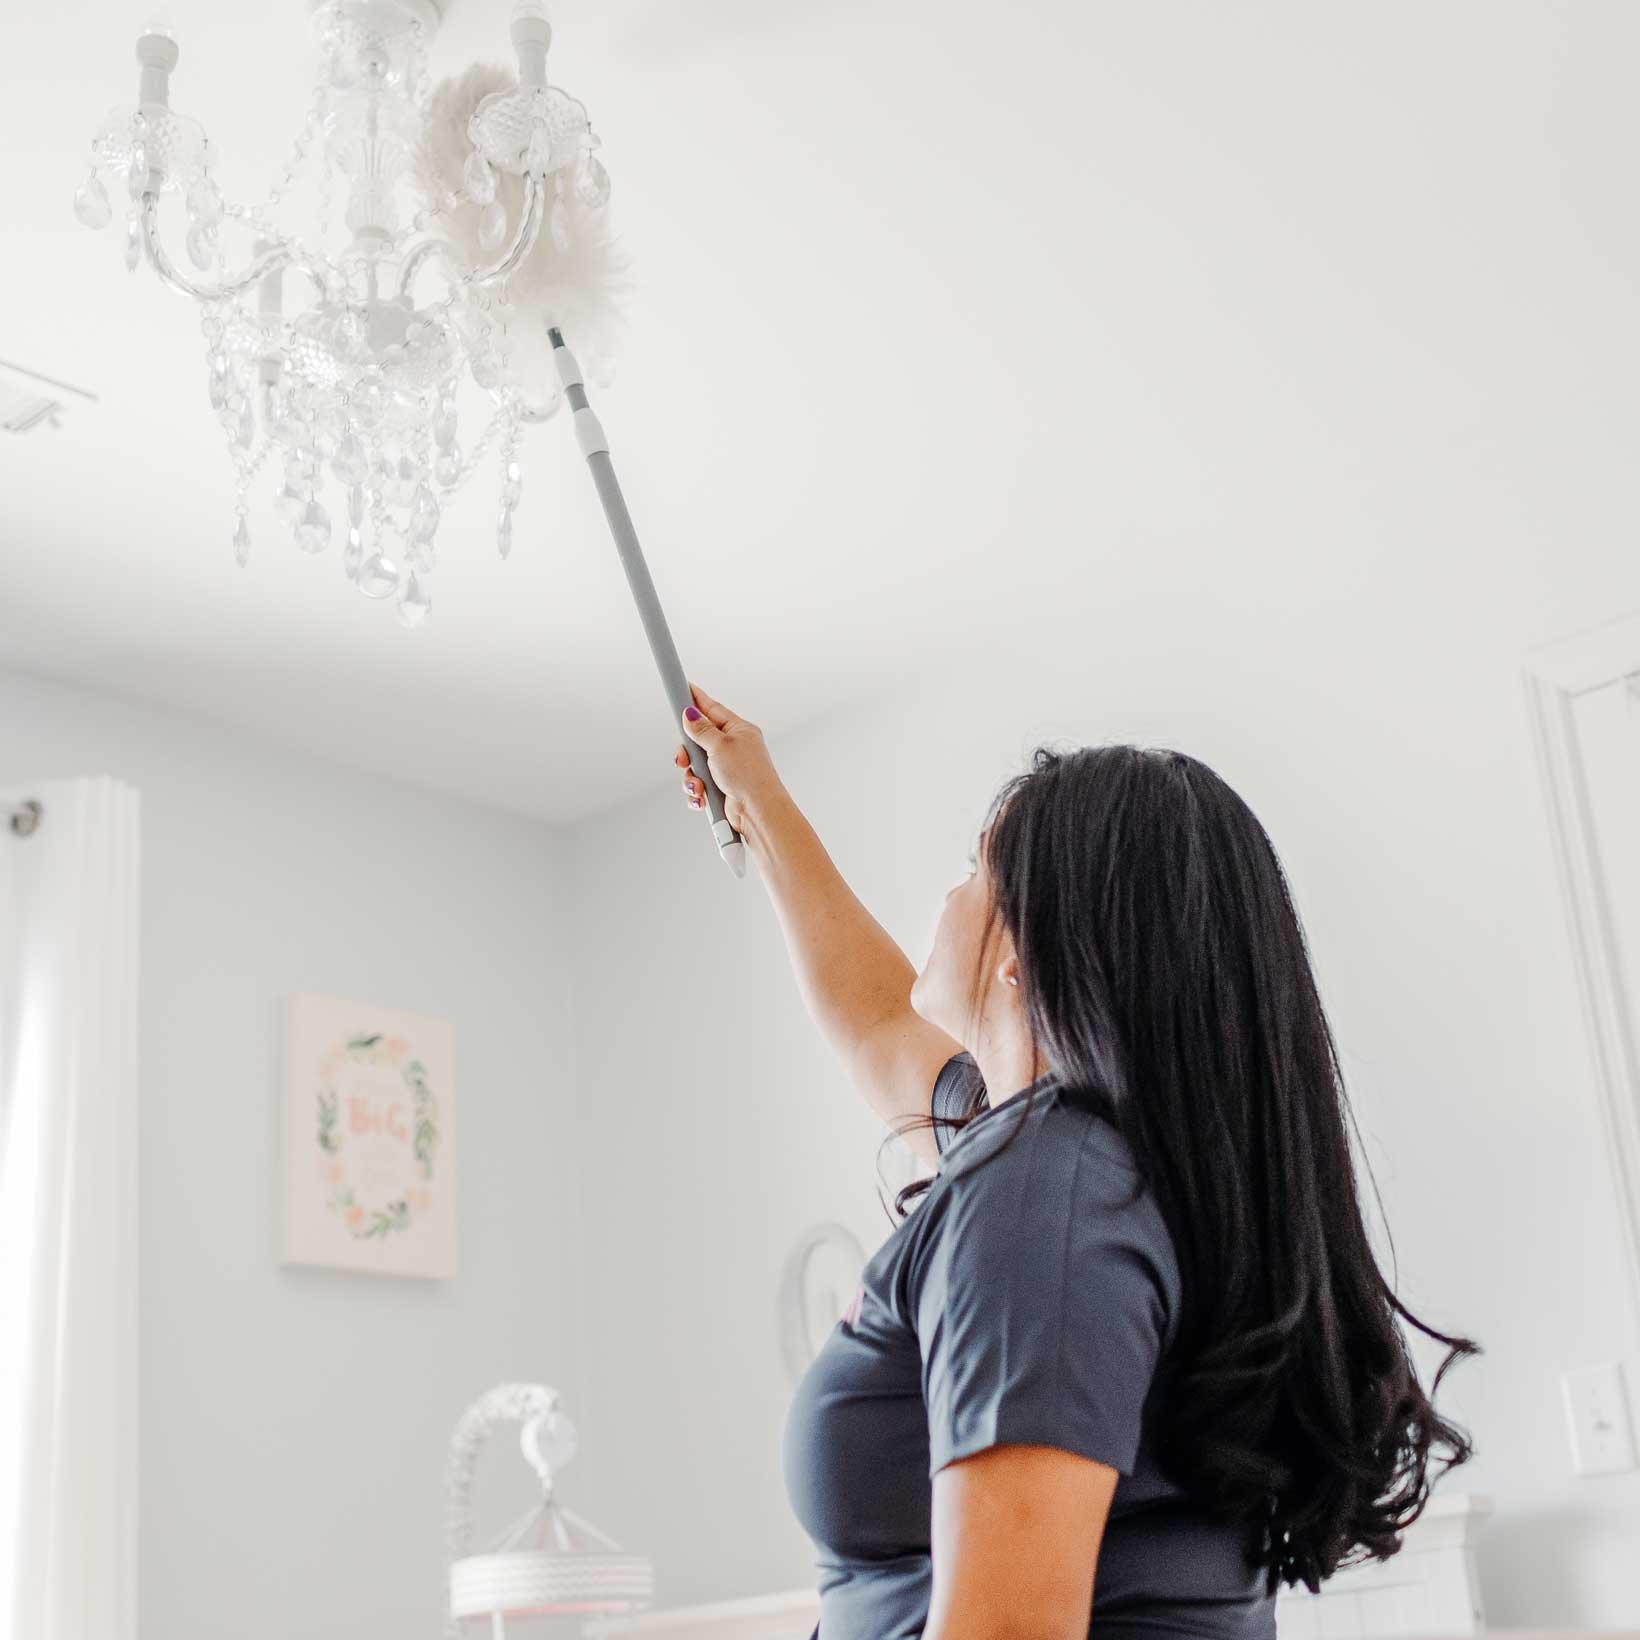 Plum Pristine Cleaning